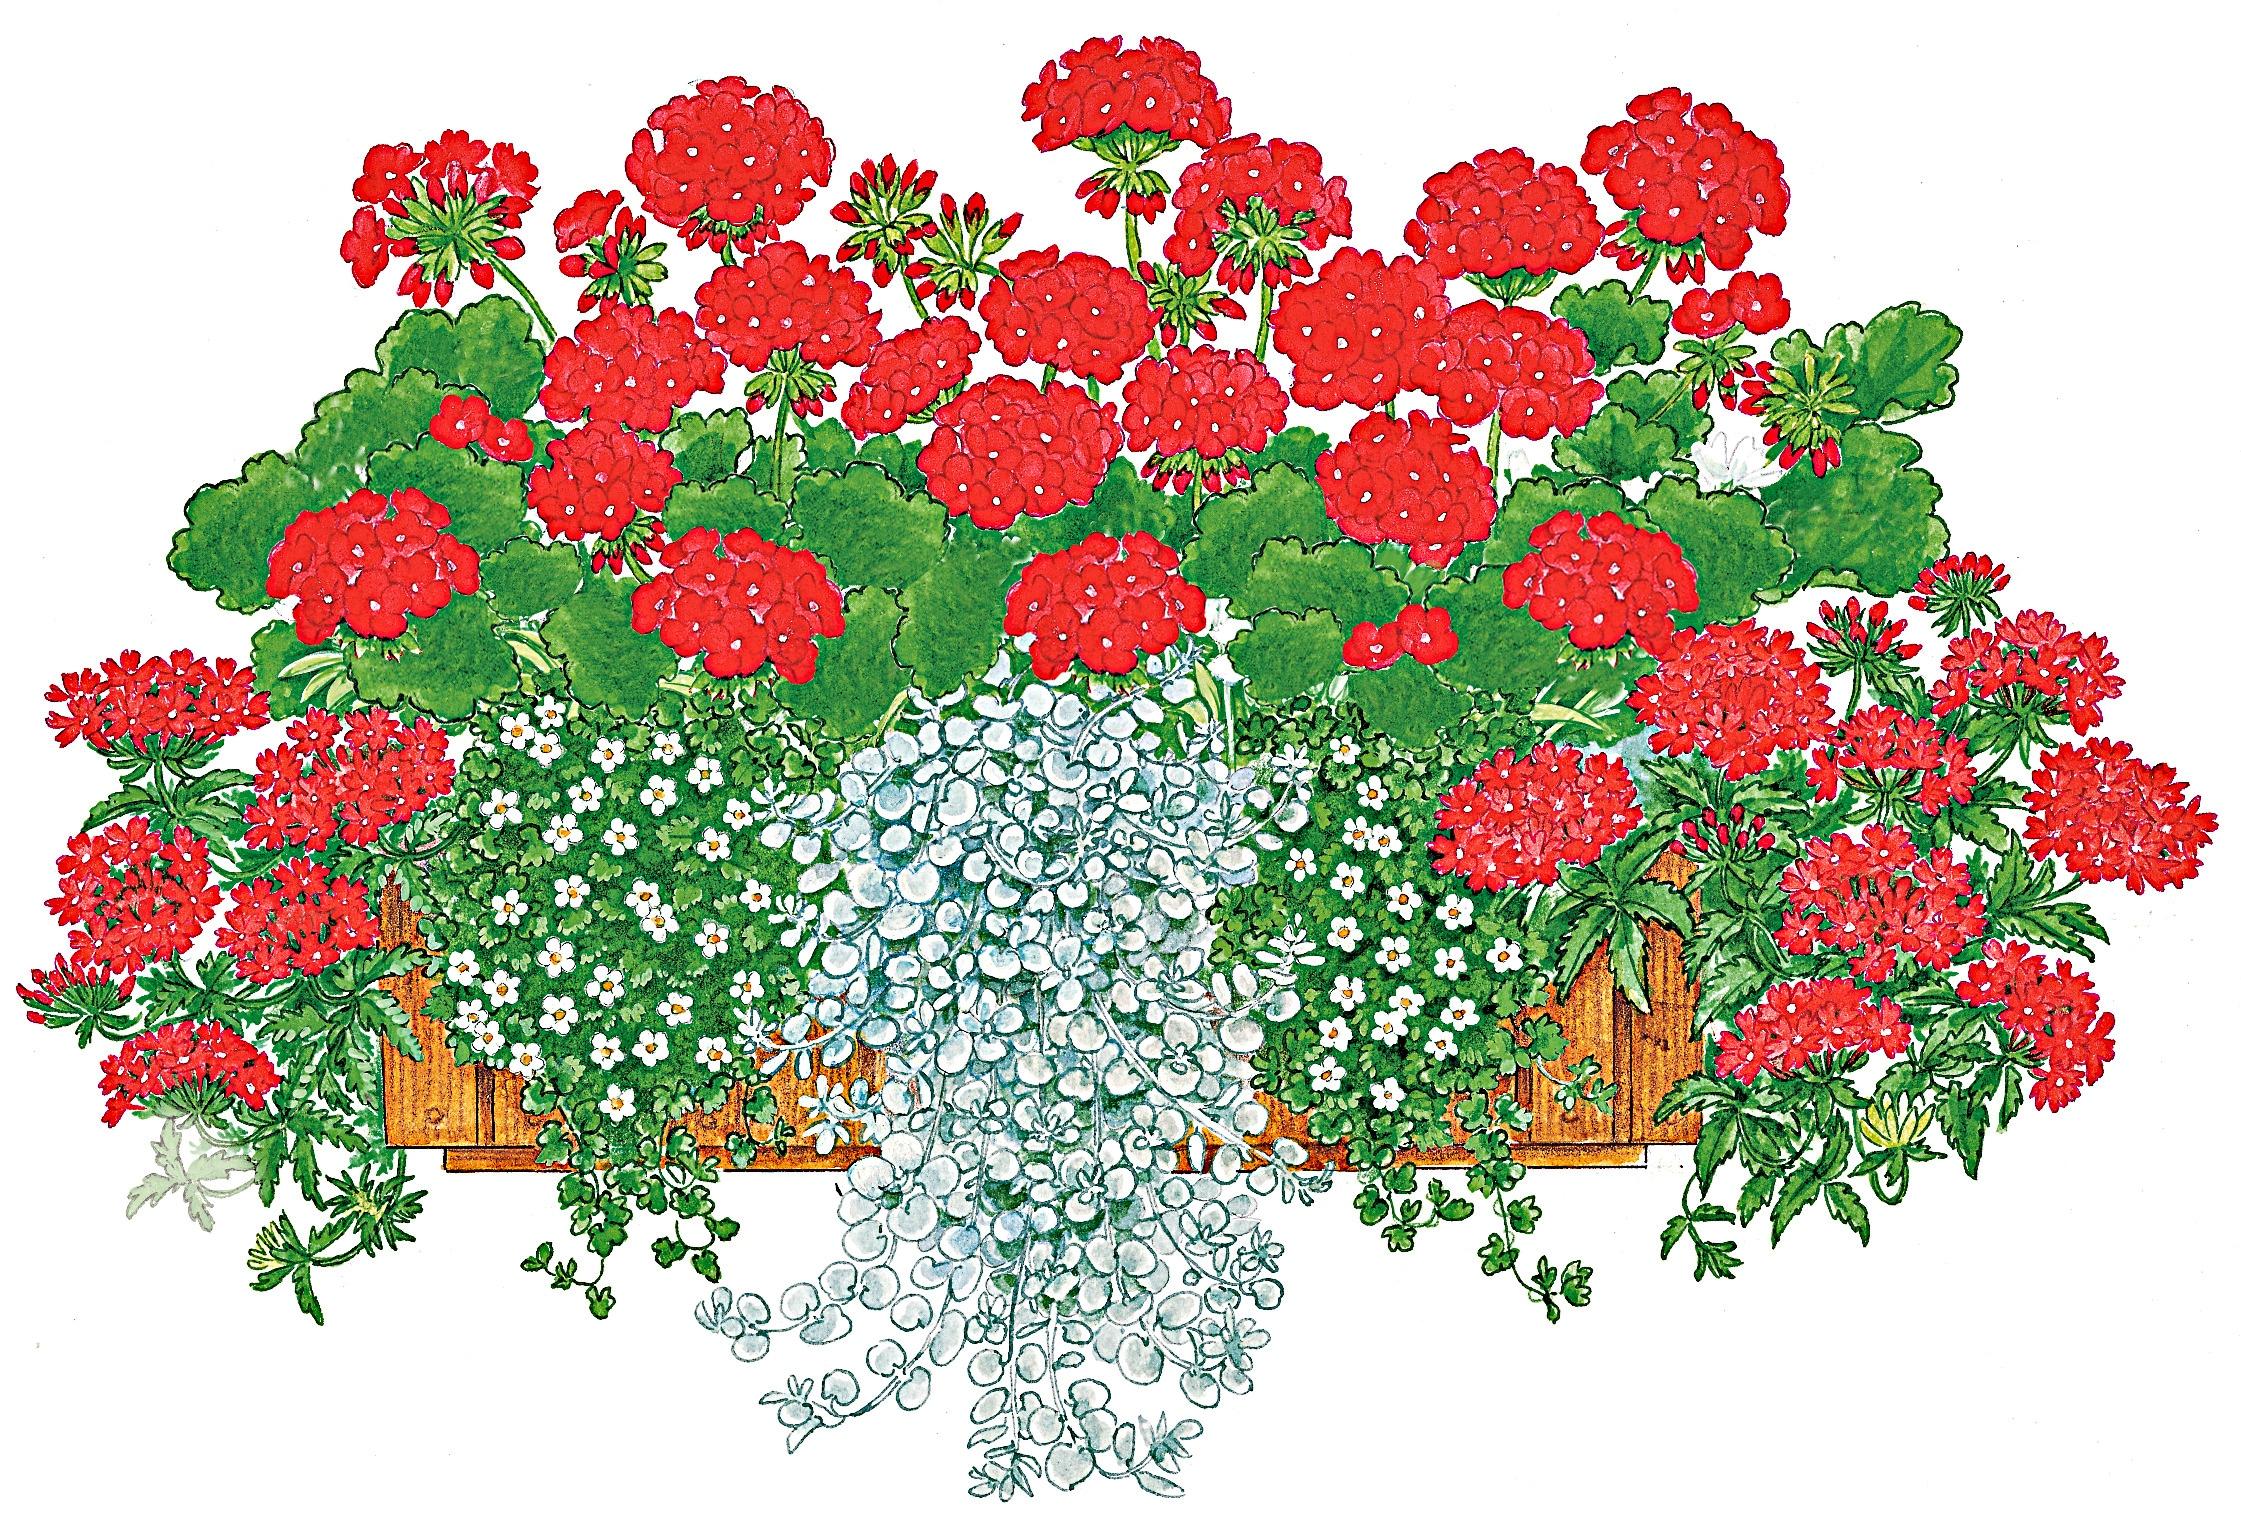 BCM Balkonpflanze Farbfeuer, 16 Pflanzen mit Erde bunt Balkonpflanzen Garten Balkon